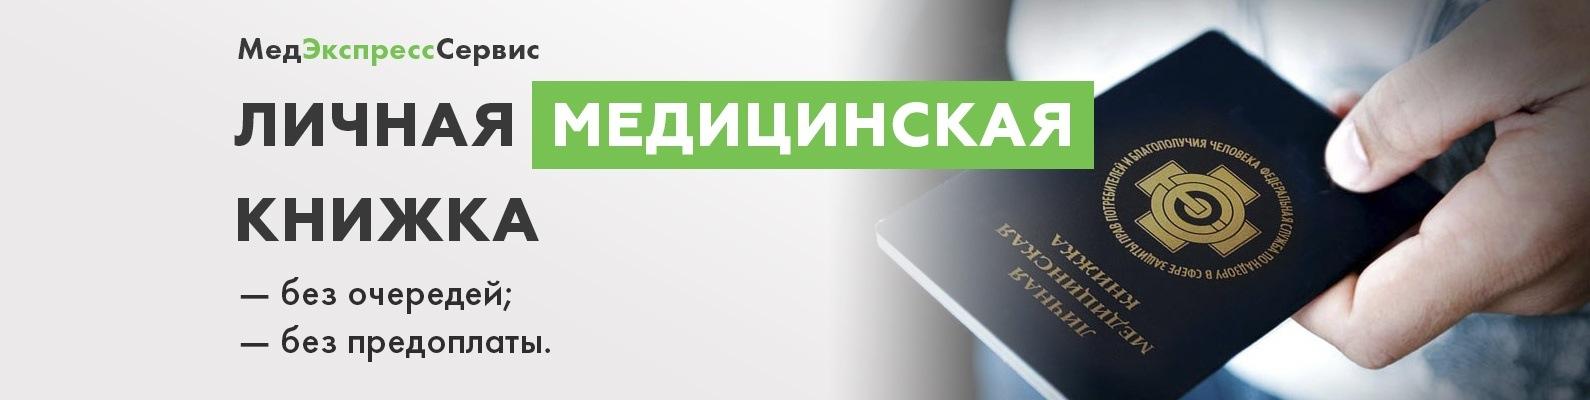 Медицинская книжки вологда временная регистрация в казахстане для граждан россии 2017